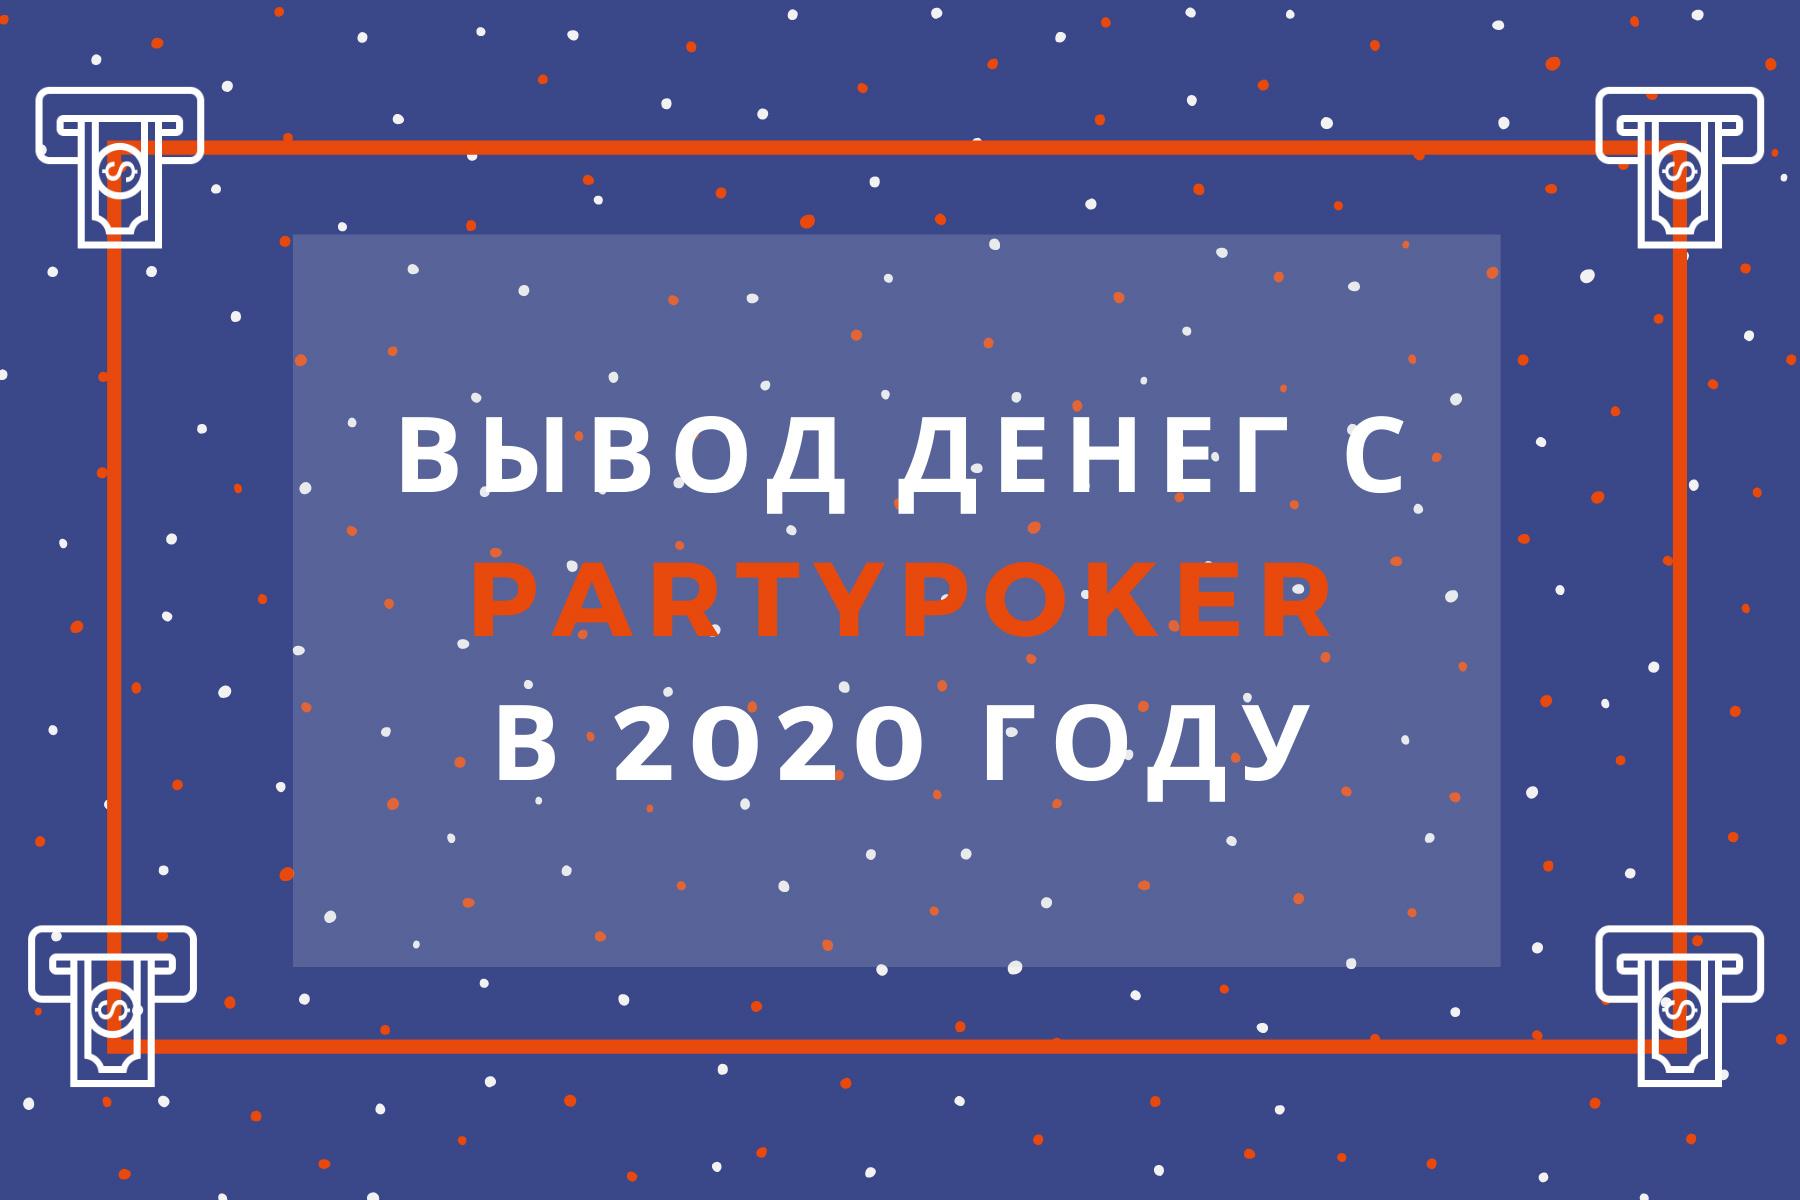 Вывод денег на partypoker в 2020 году.